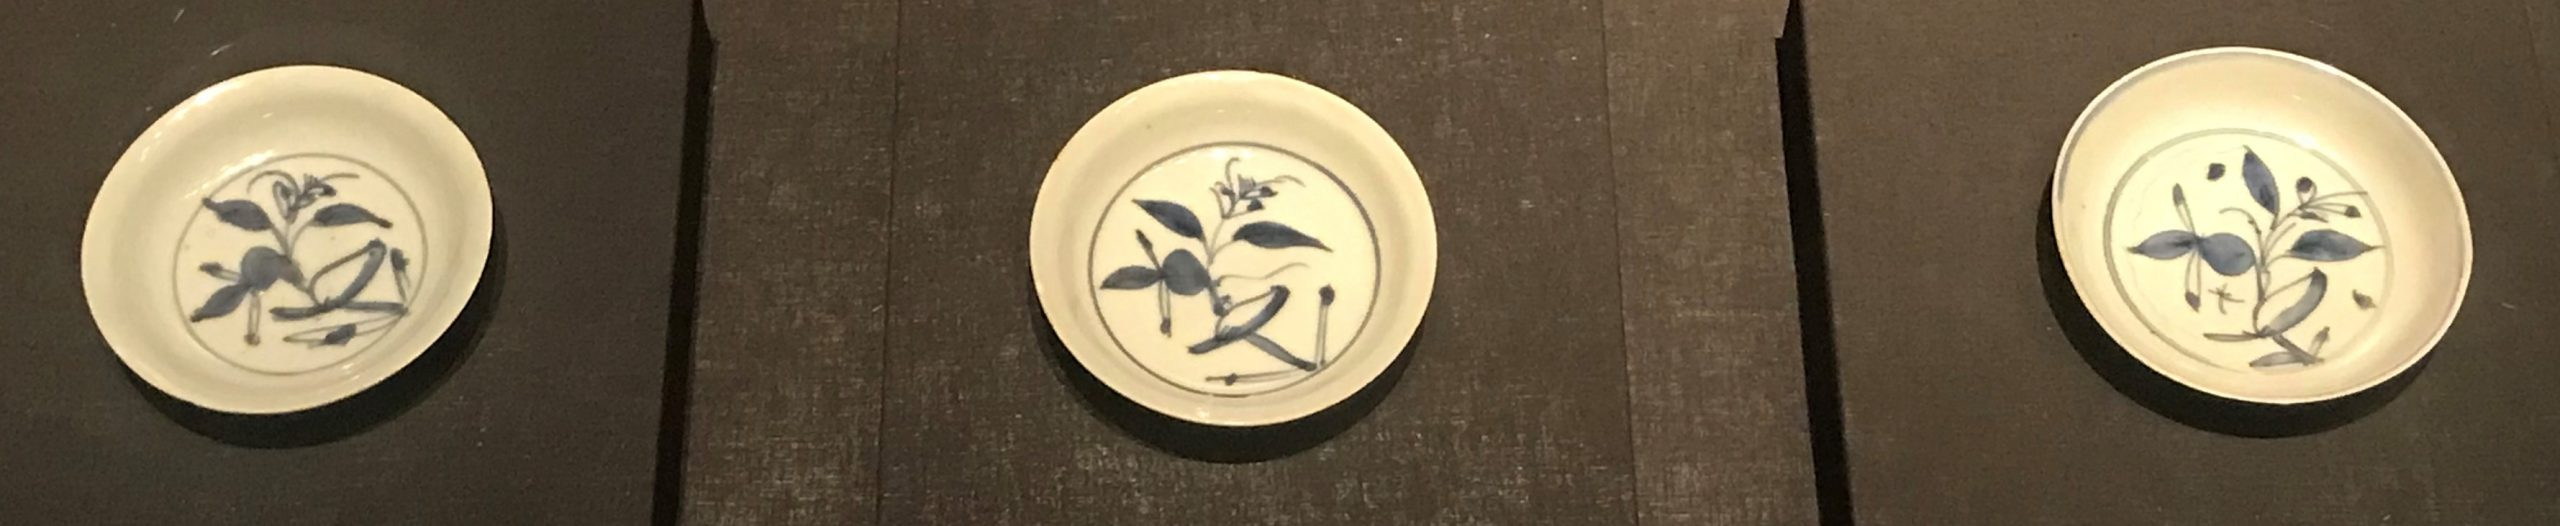 青花花鳥紋磁蝶-明清時代-常設展F3-成都博物館